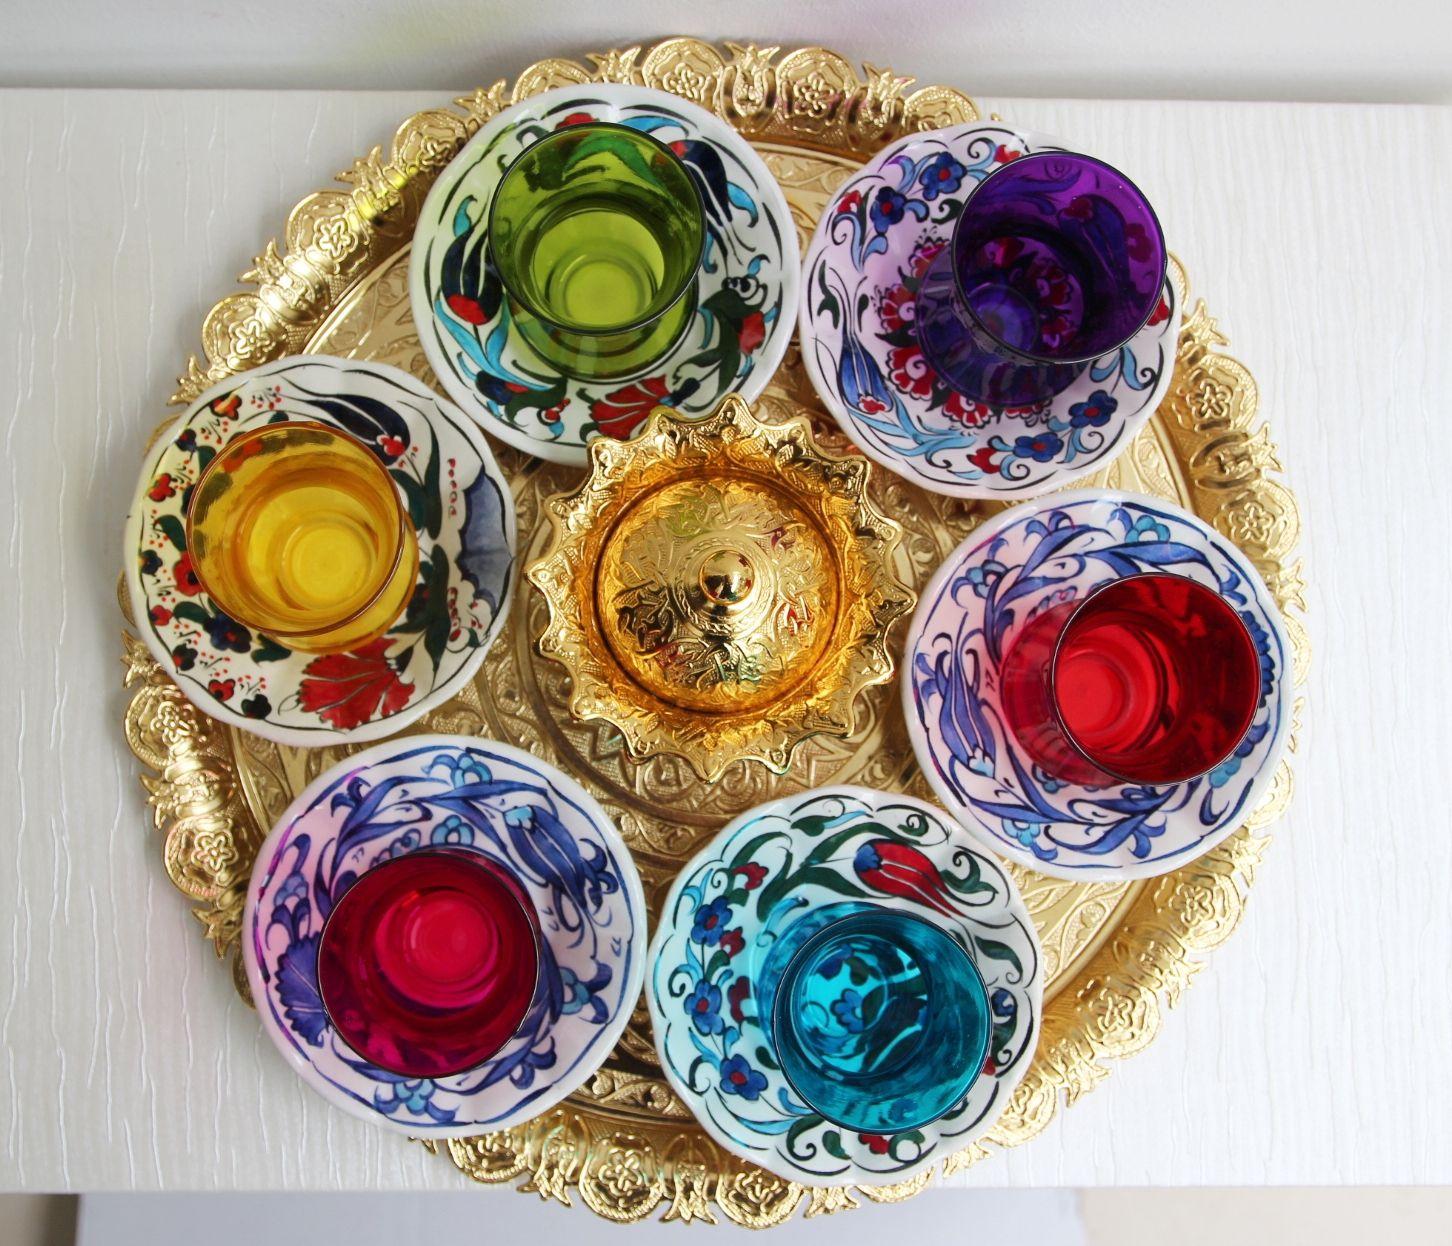 Calm Sale Turkish Tea Set Online Colorful Turkish Tea Set By Bazaar Turkish Tea Set Colorful Turkish Tea Set By Bazaar Turkish Teaset